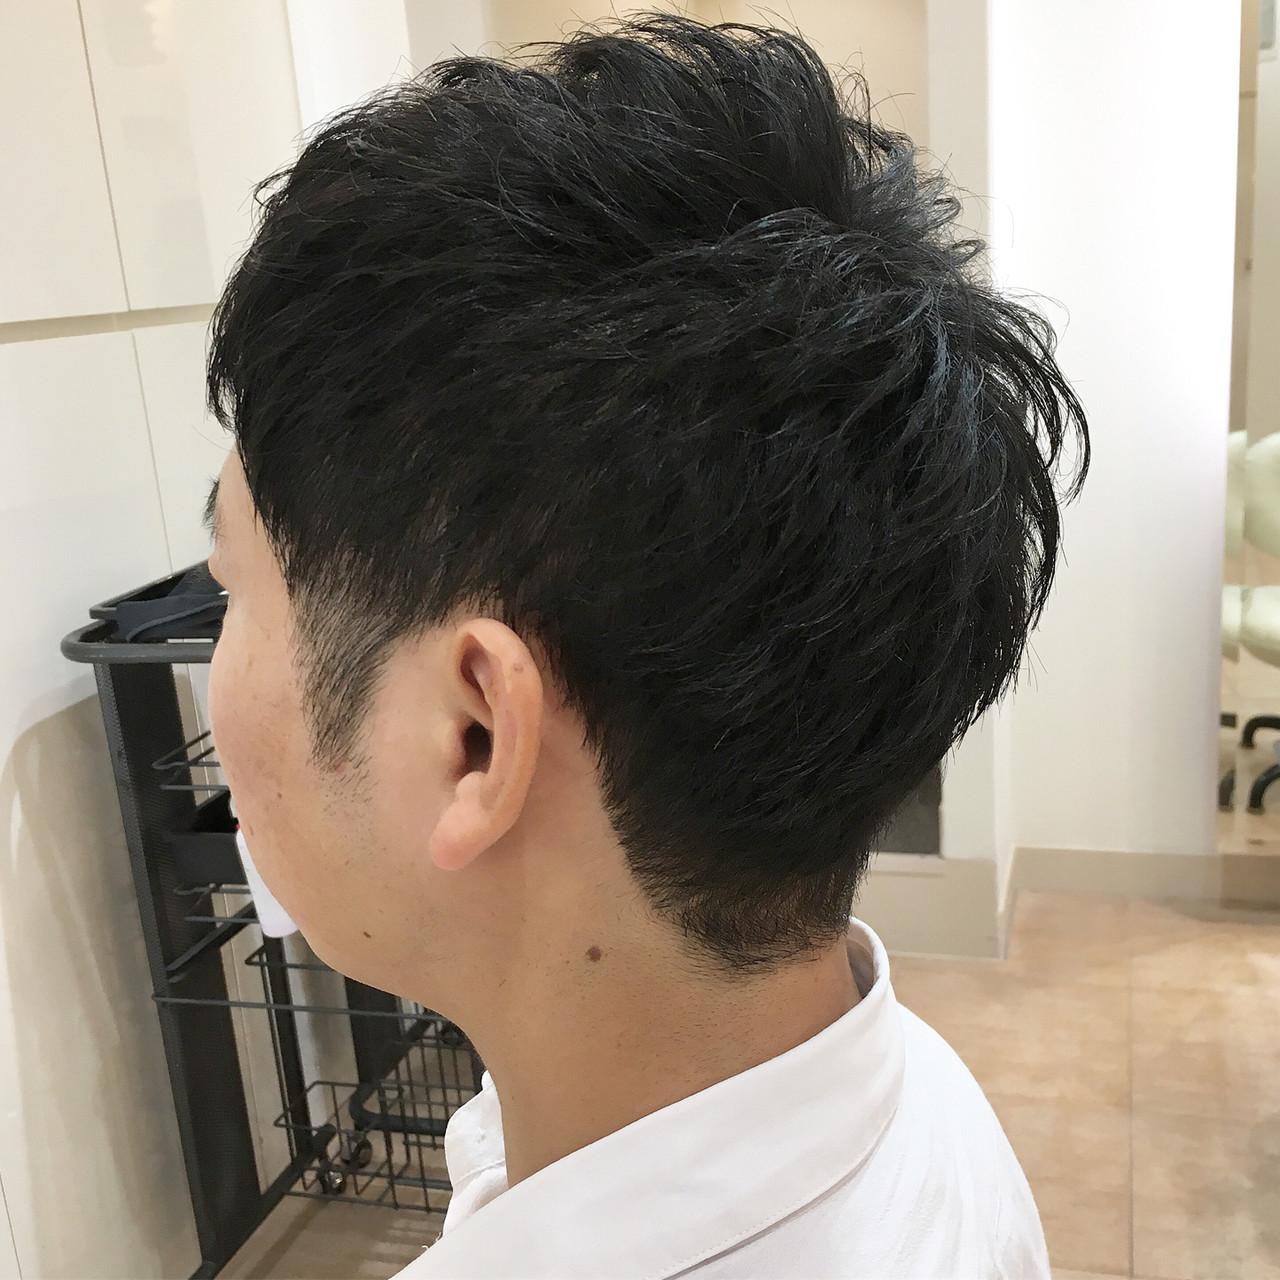 ツーブロック ナチュラル メンズカット メンズショートヘアスタイルや髪型の写真・画像